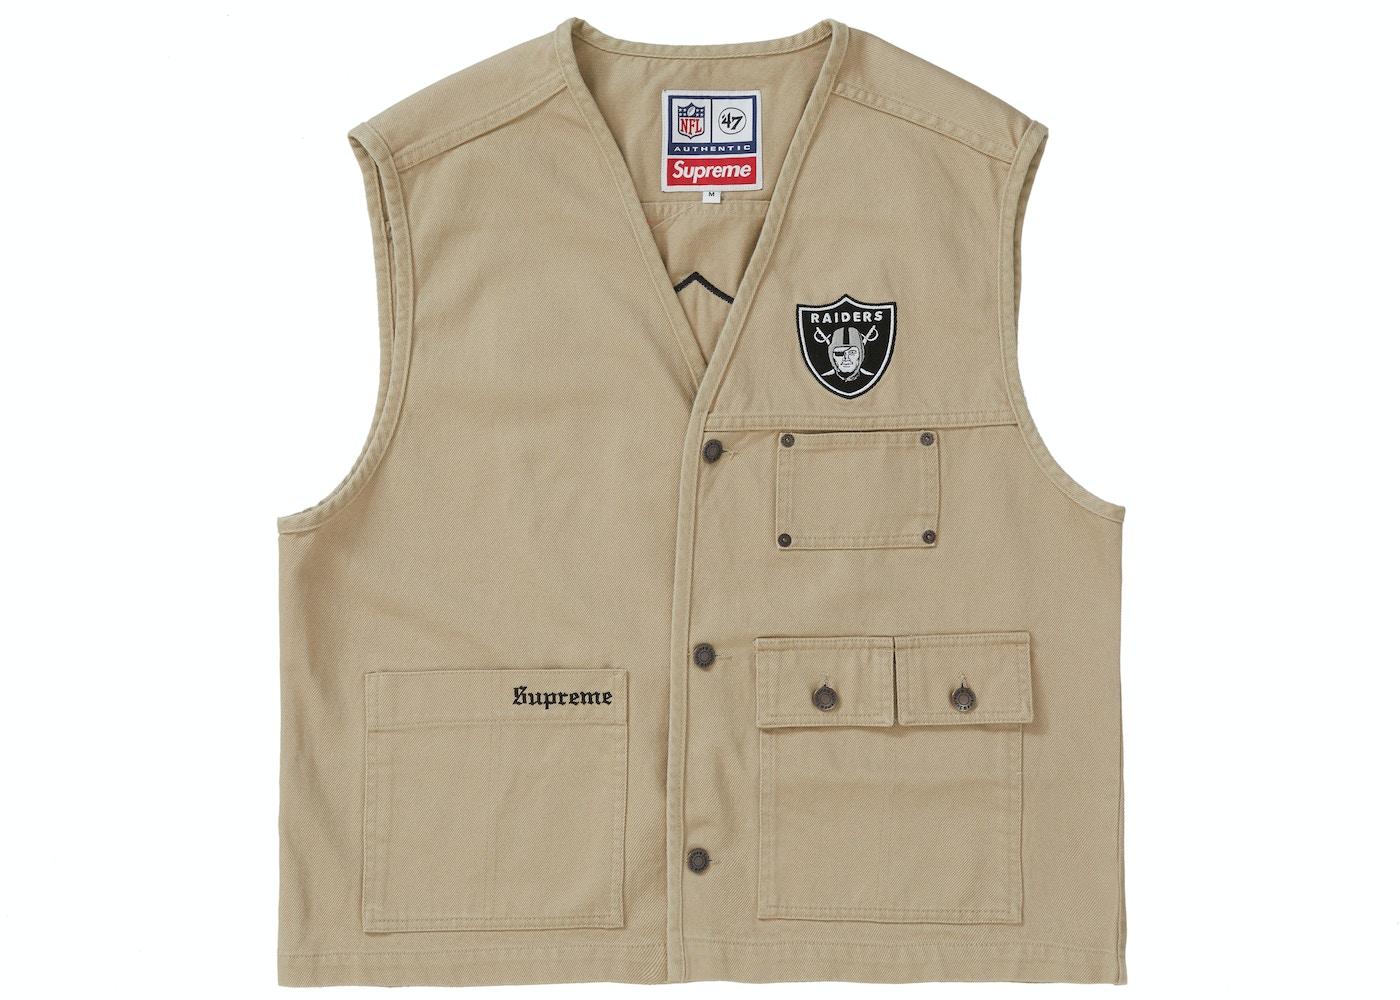 b65140d43 Supreme NFL x Raiders x '47 Denim Vest Khaki